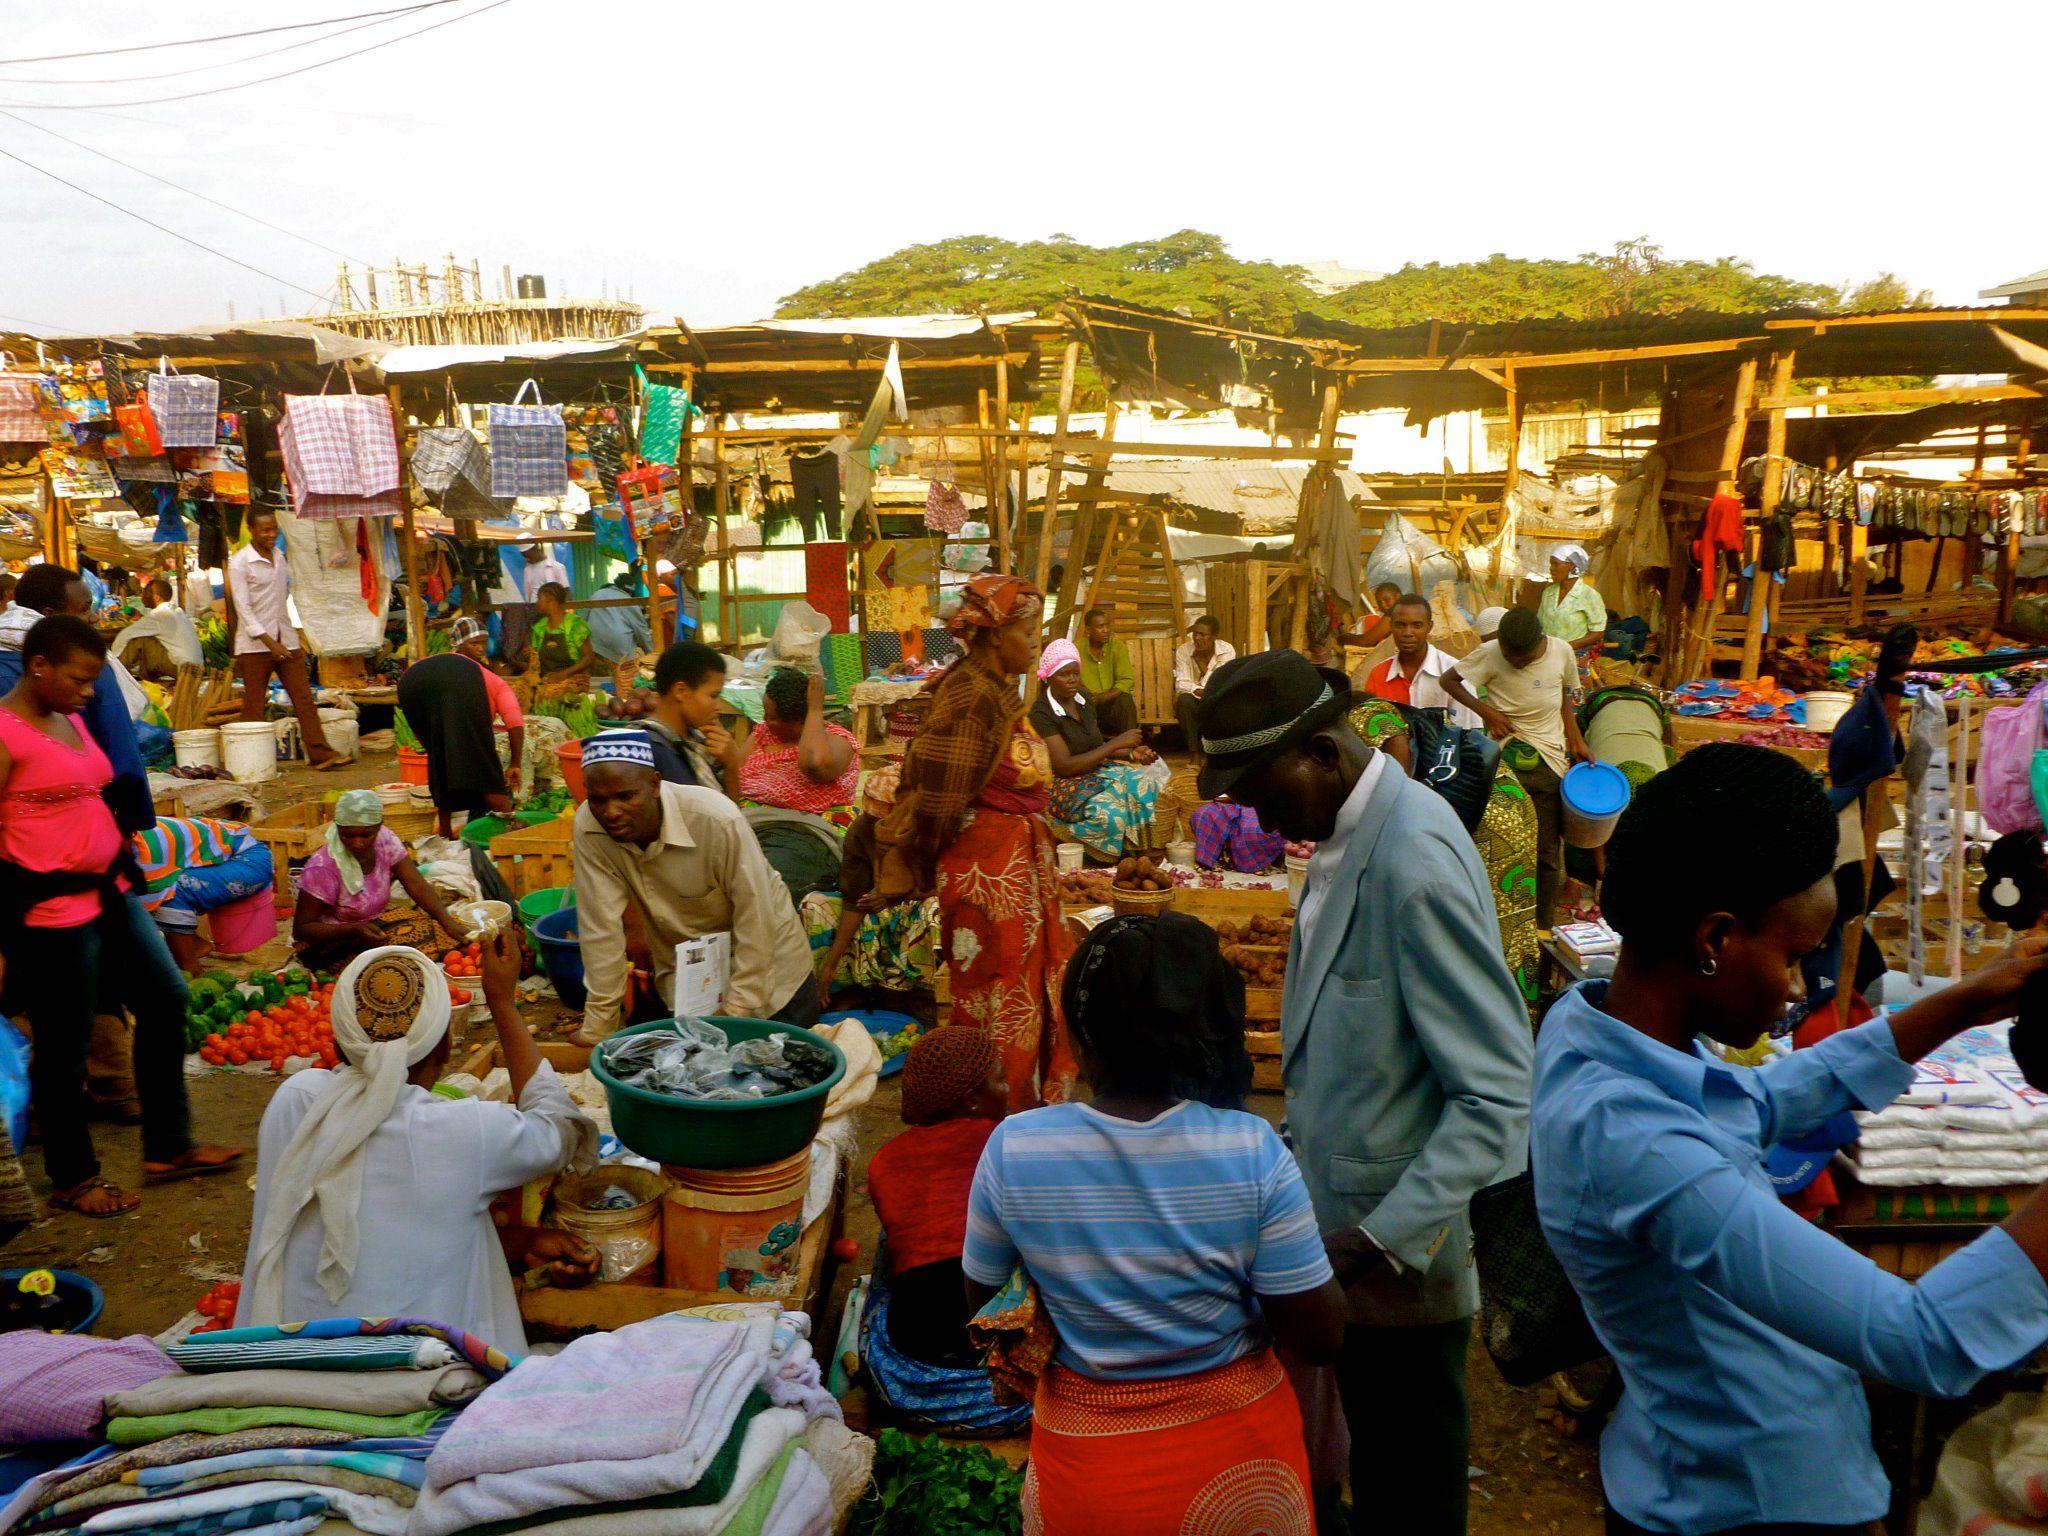 Used Clothing Market Outside Of Moshi Tanzania Tanzania Africa World Thinking Day Holidays Goals